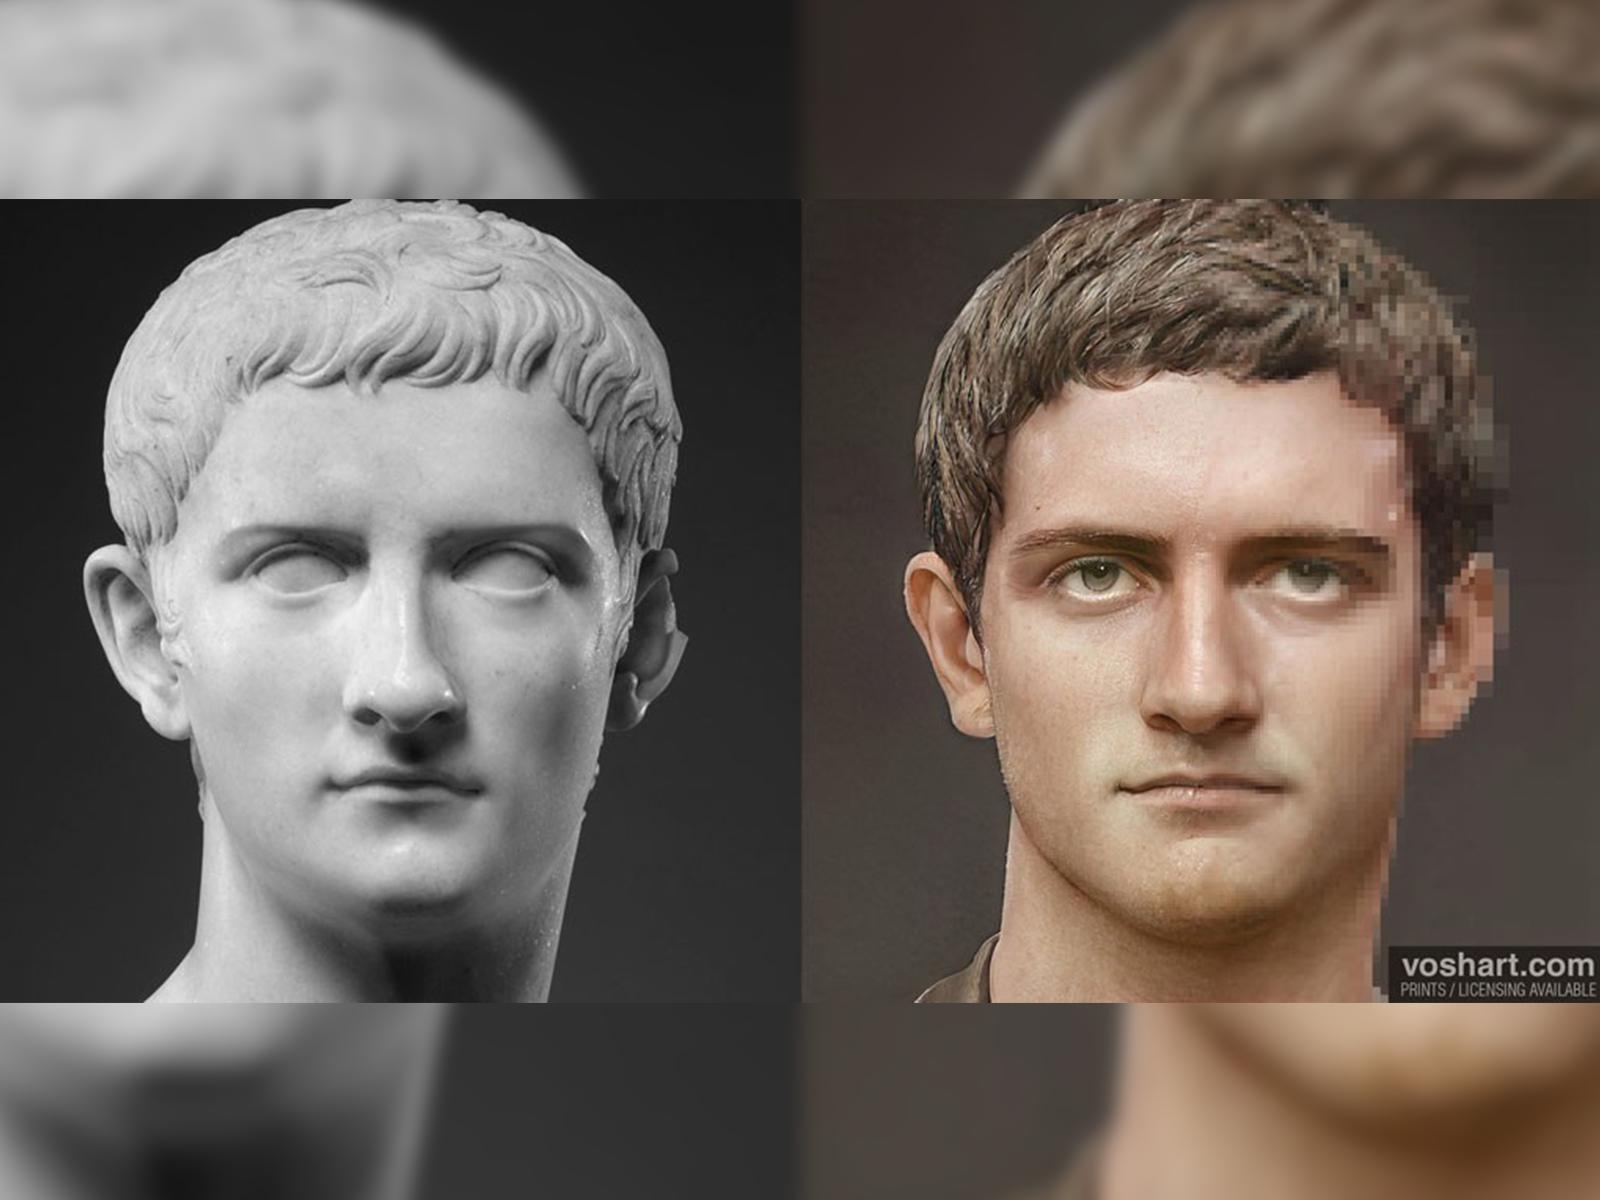 Inteligencia Artificial 'revive' a 54 antiguos emperadores romanos en imágenes bastante realistas